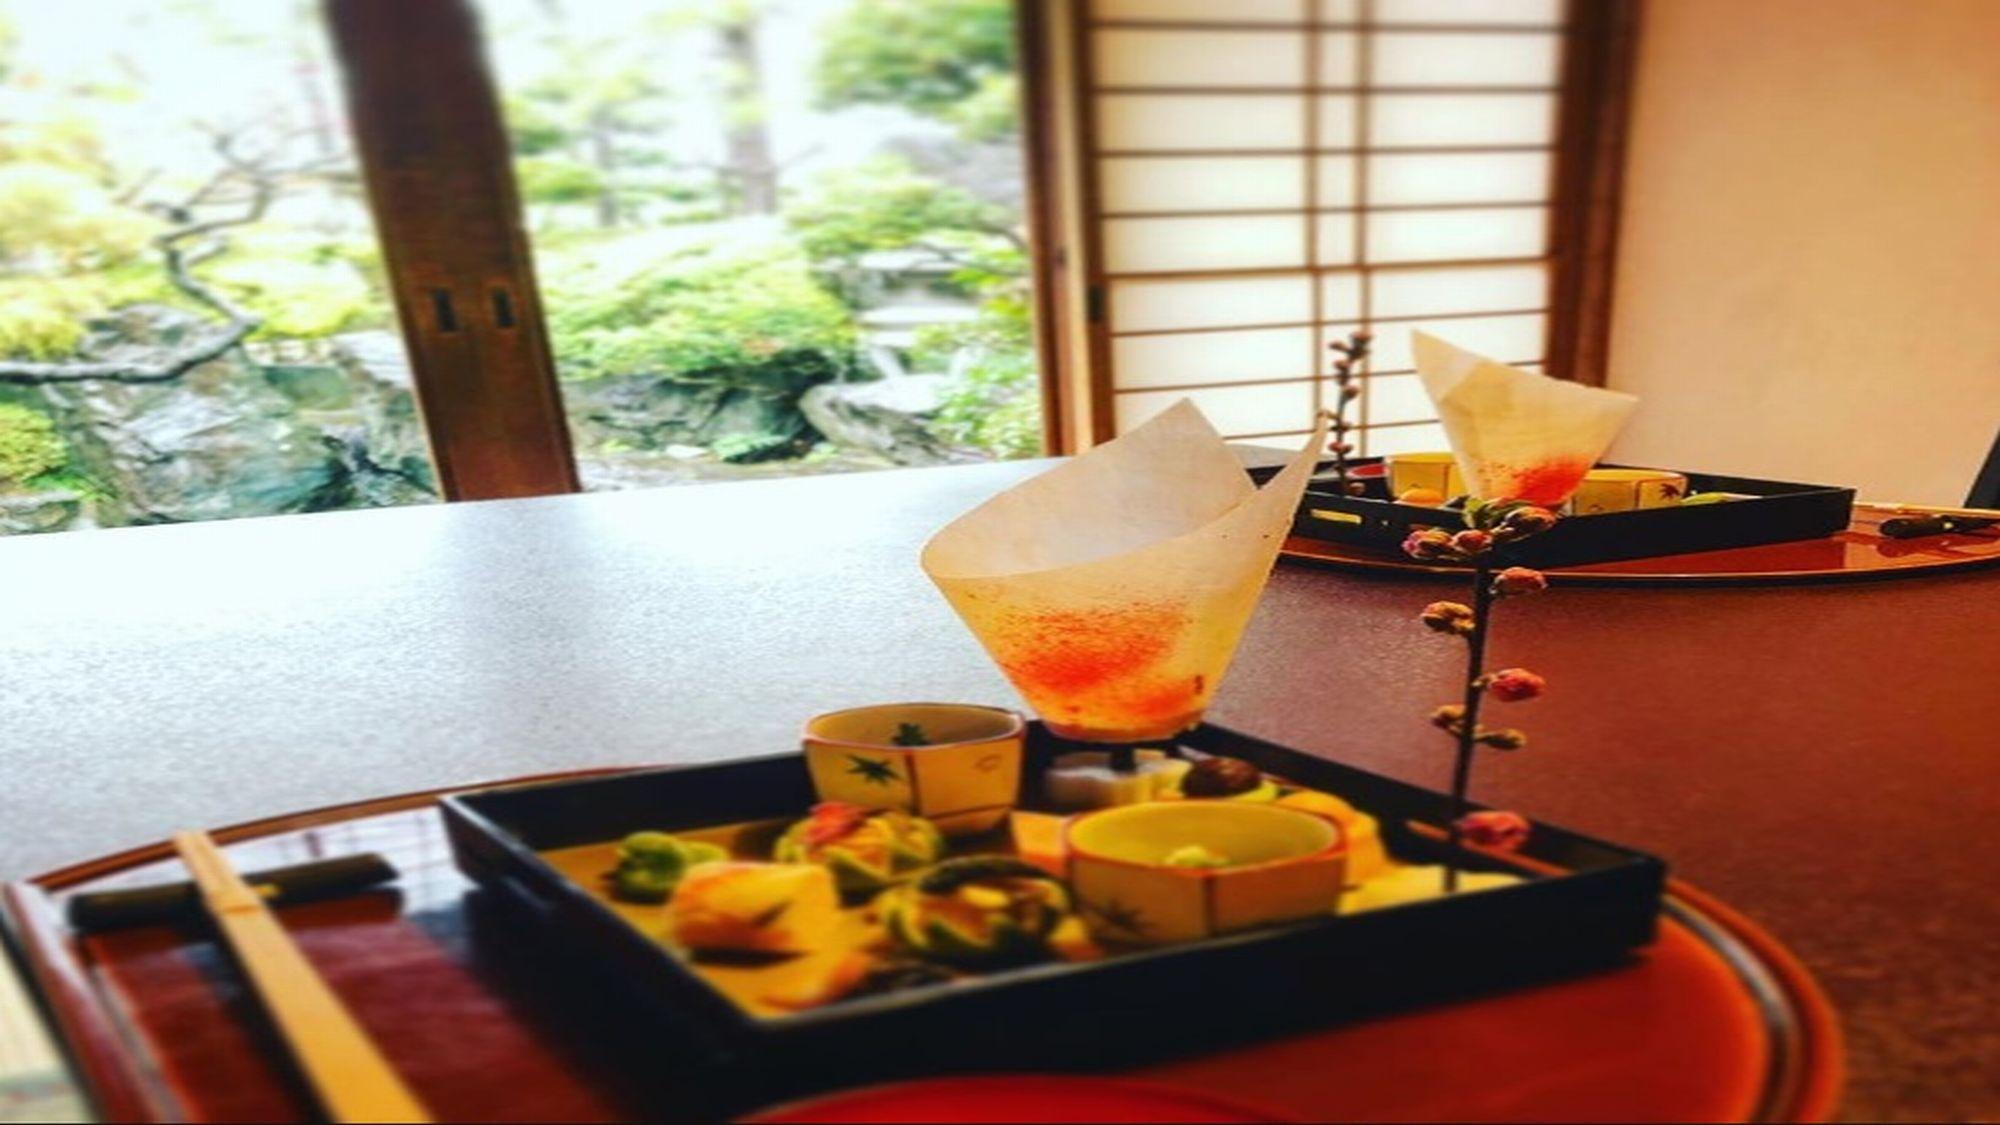 目で楽しみ、舌で楽しむ。「季」を大切にした栴檀のお食事をご堪能ください。